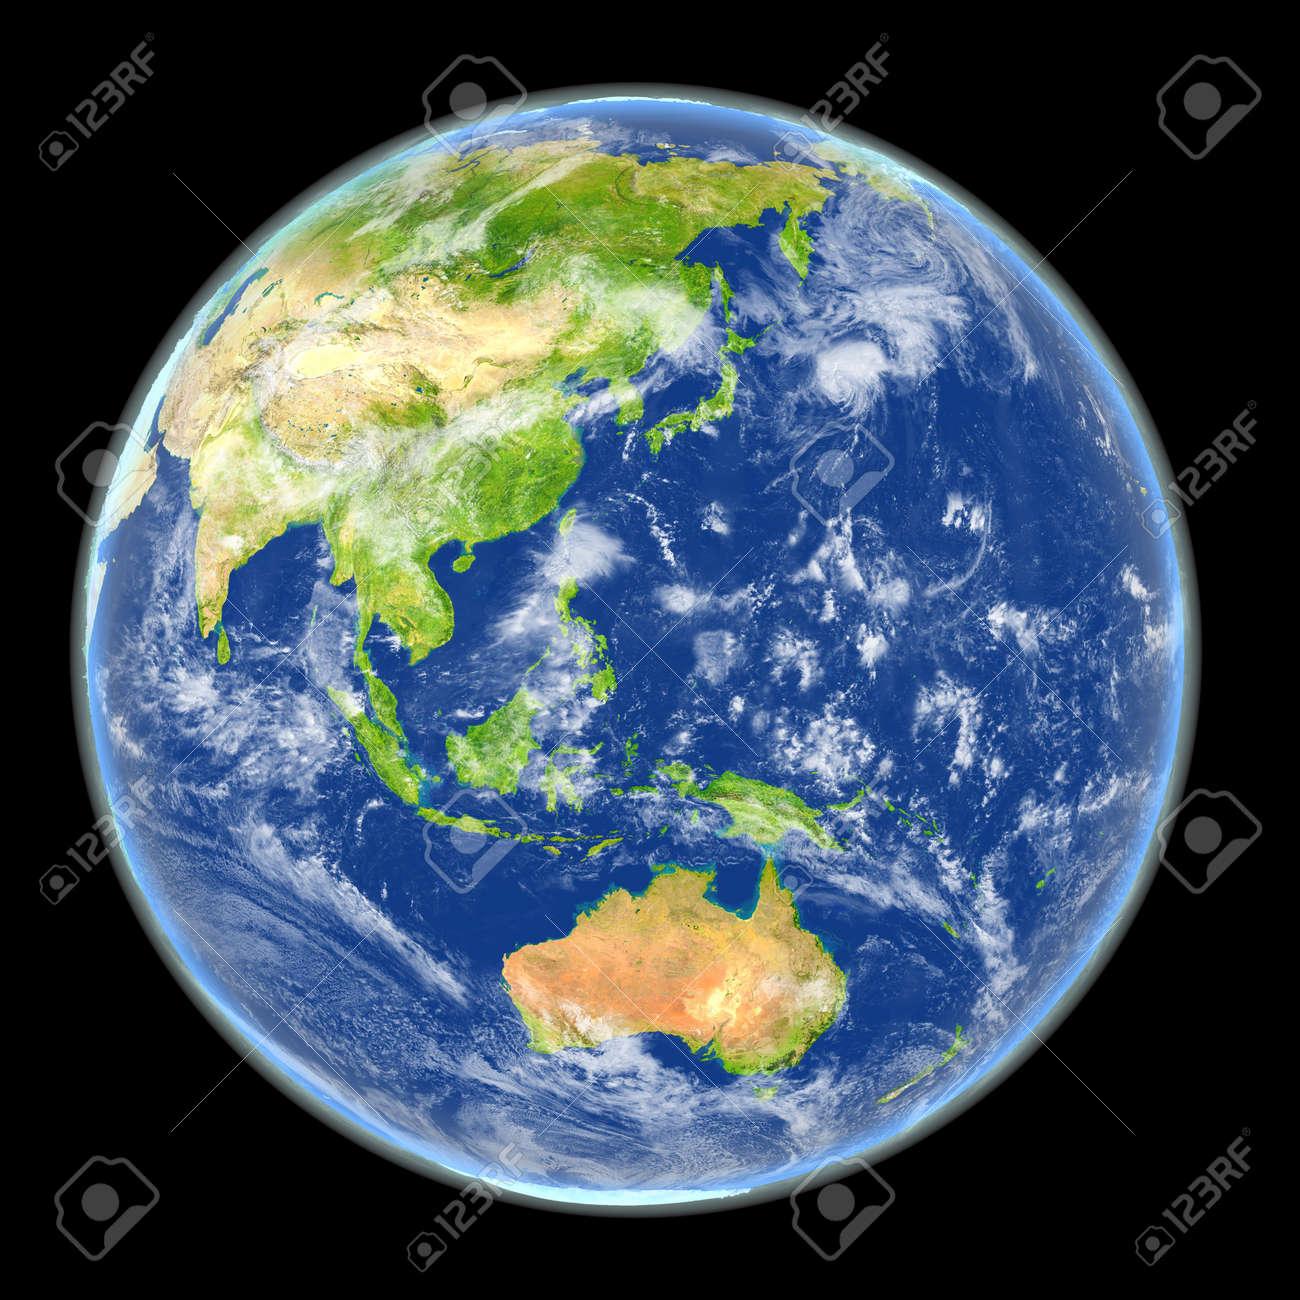 Vista Satelital Del Este De Asia En El Planeta Tierra Ilustración